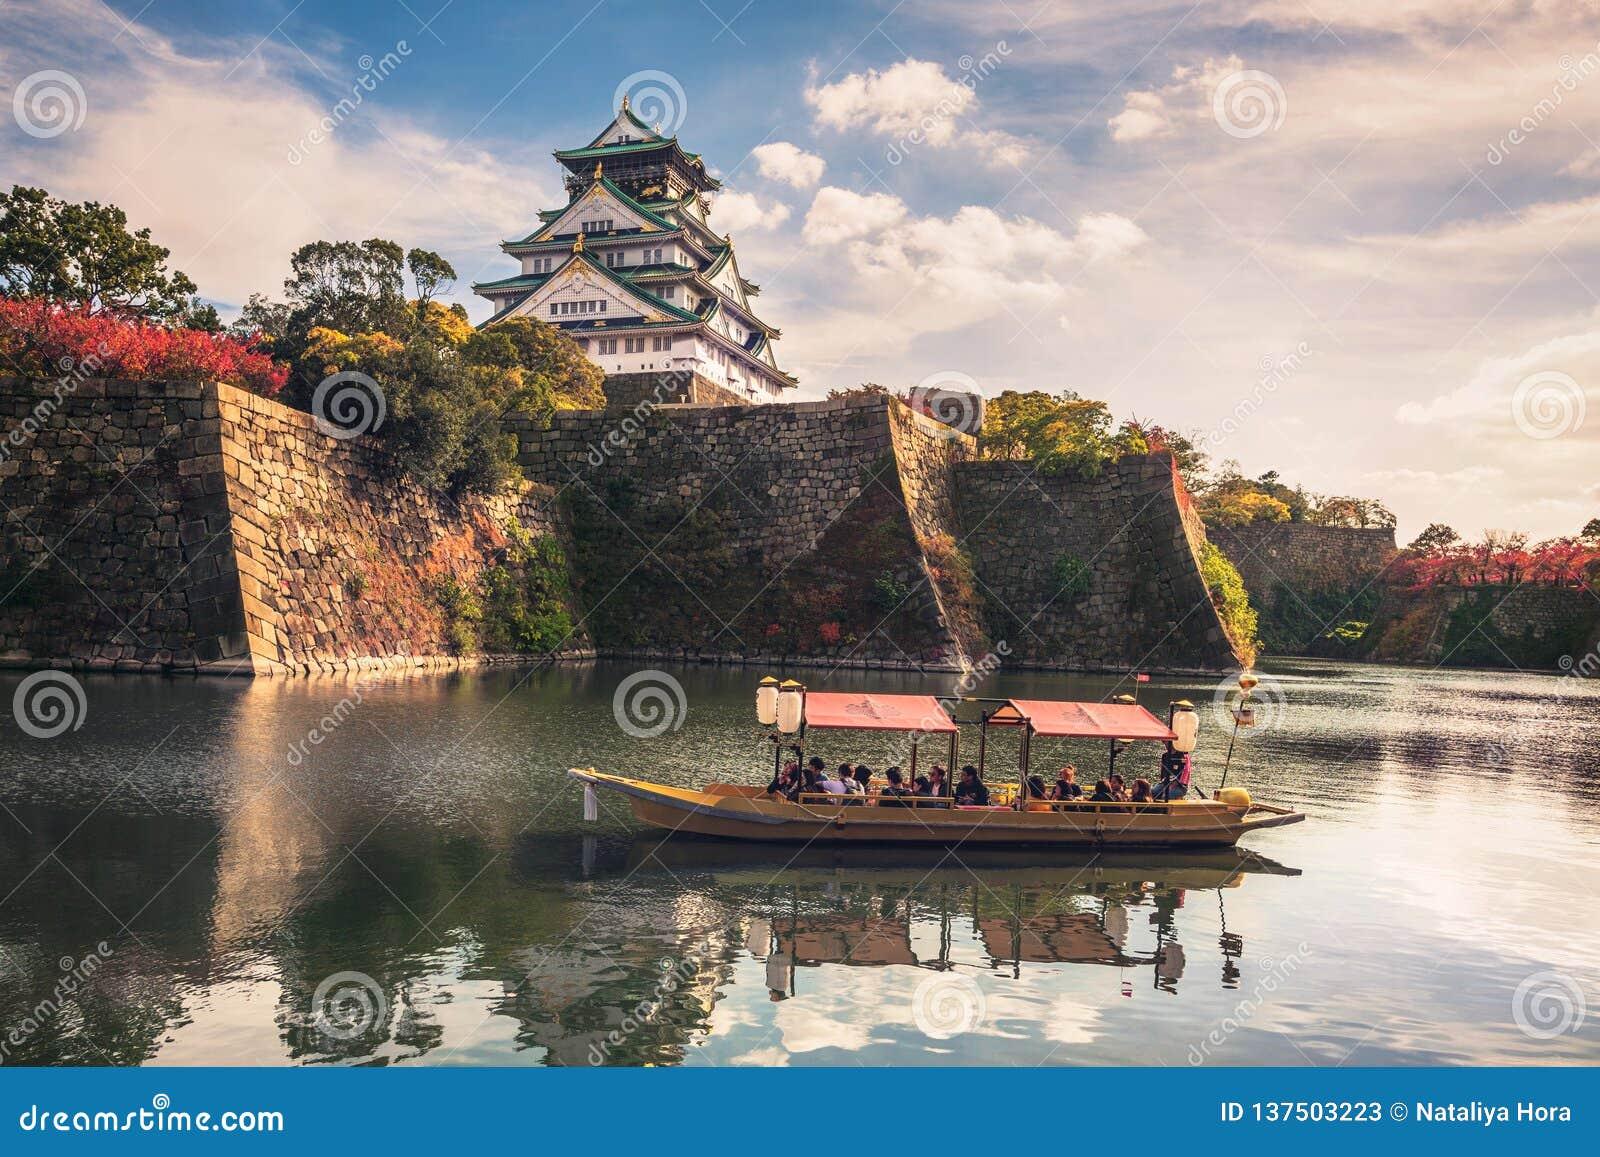 Turystyczne łodzie z turystami wzdłuż fosy Osaka kasztel, Osaka, Japonia